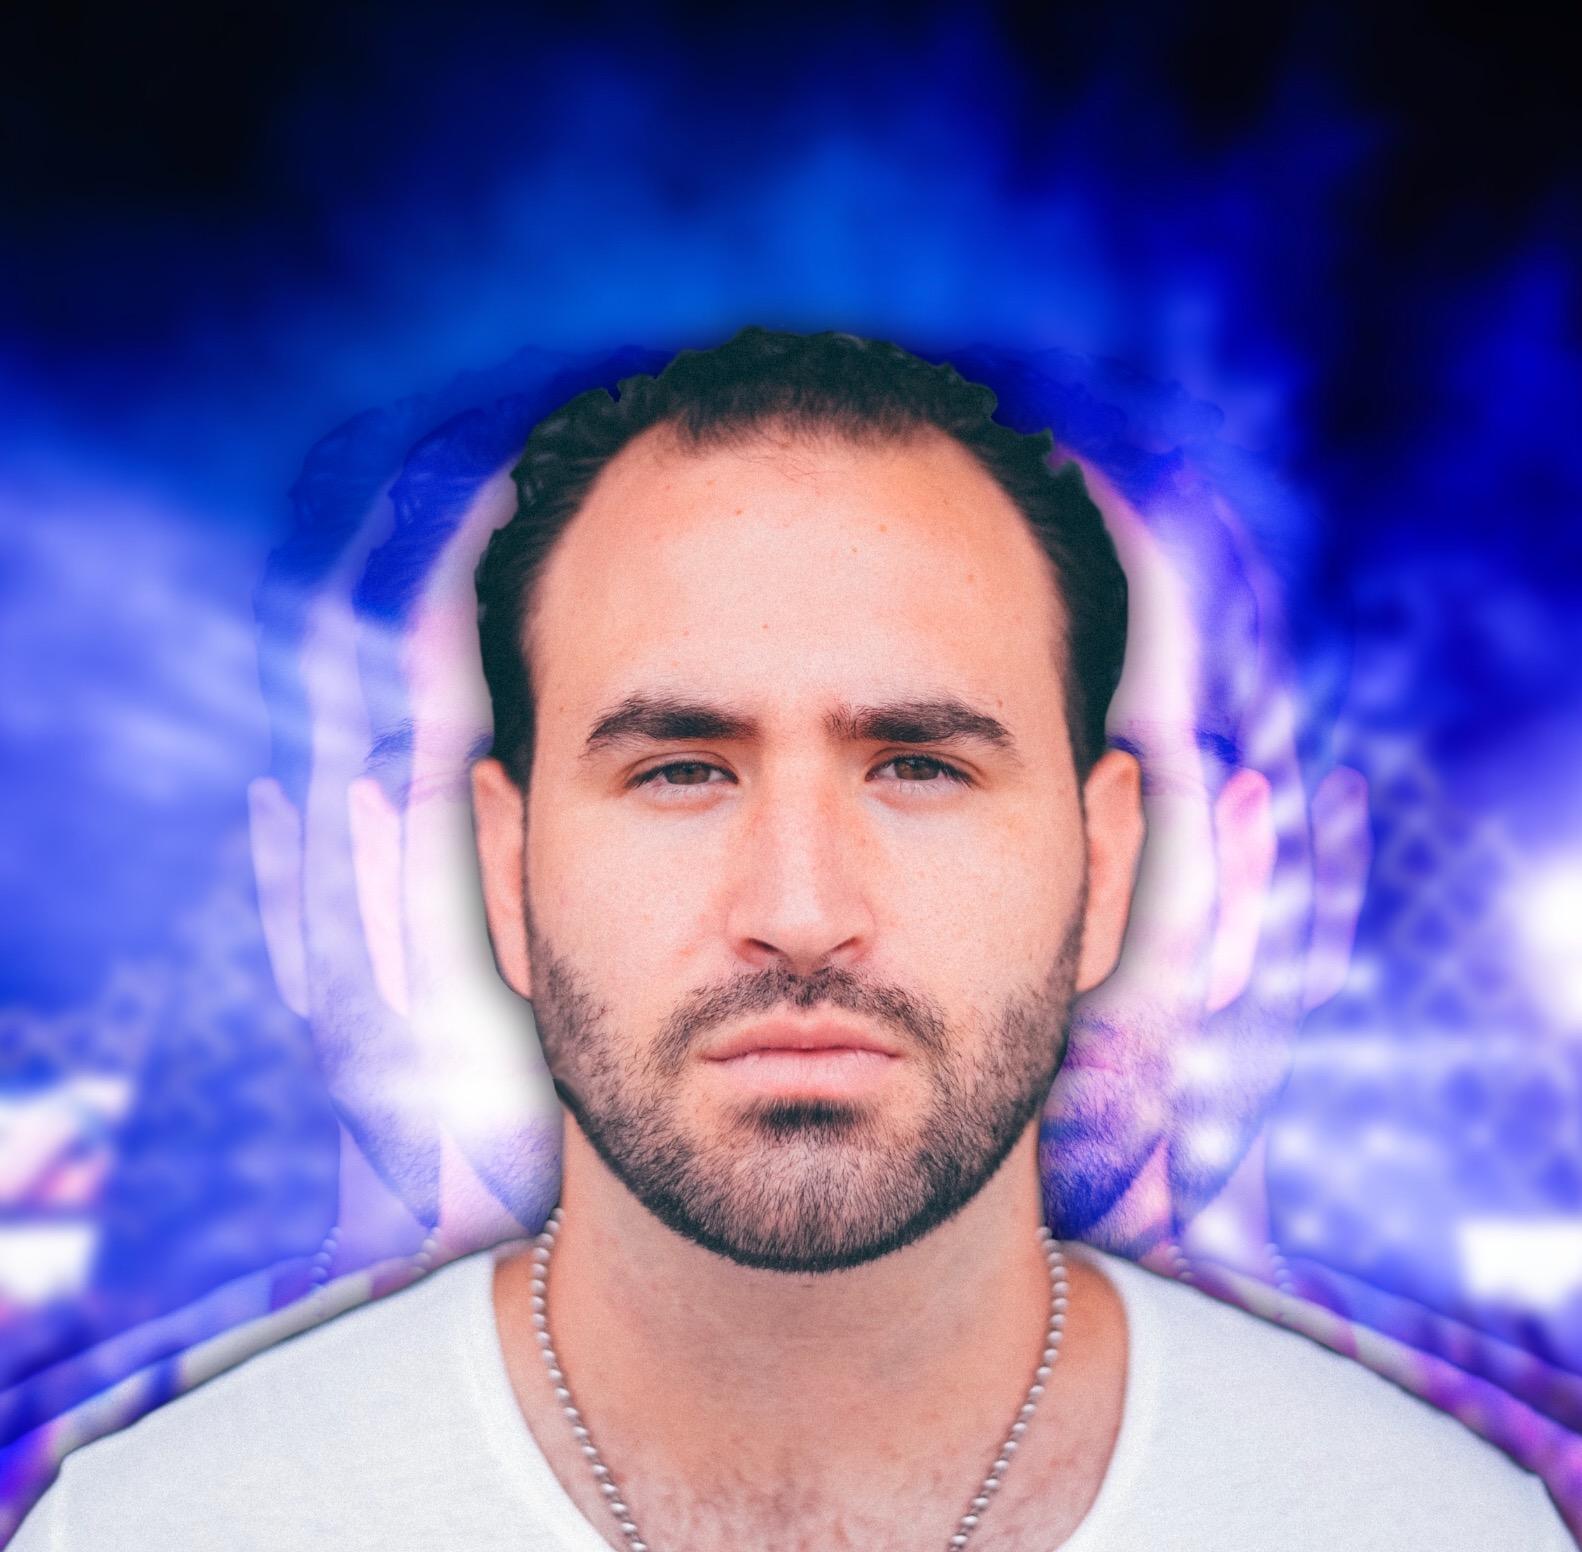 DJ Donnie promo photo1